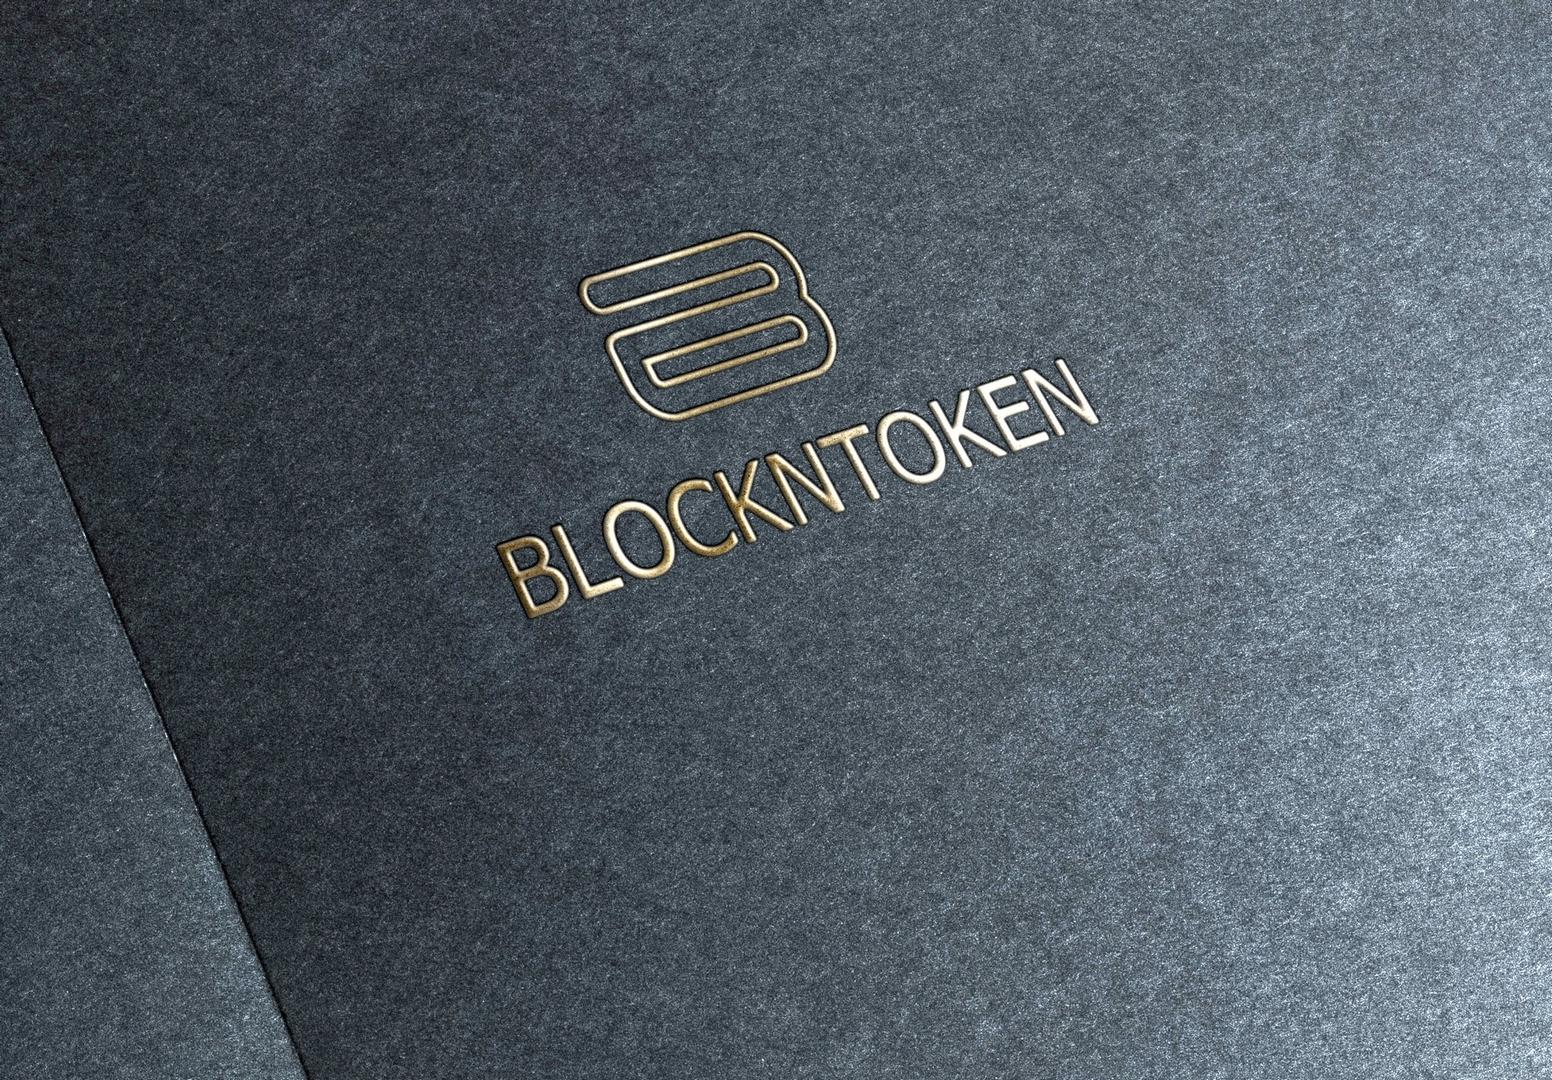 Дизайнер в сфере IT-технологий фото f_2555b4068a89ffb8.jpg